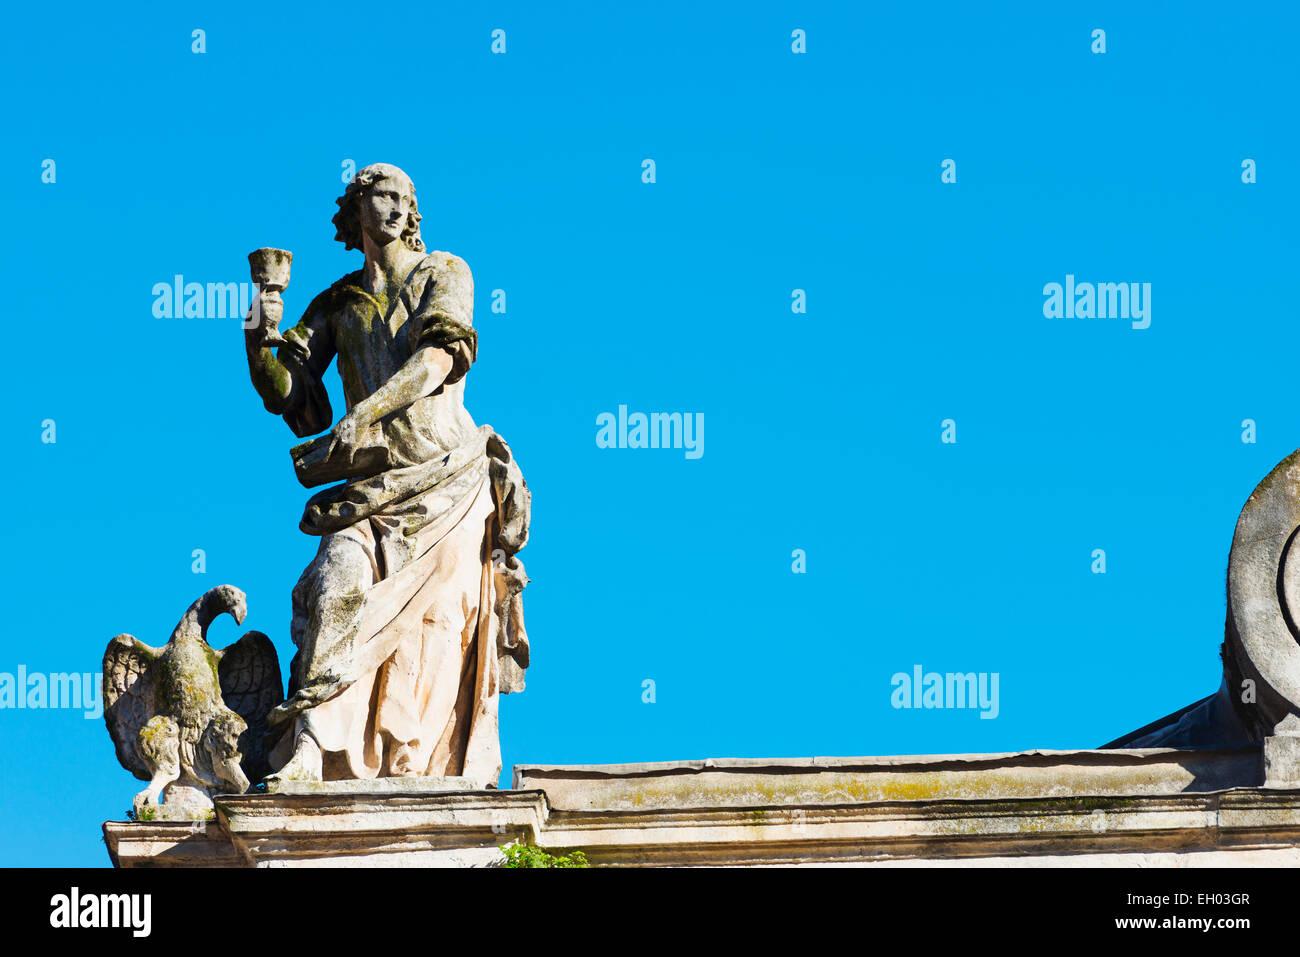 Europe, Italy, Veneto, Vicenza, Piazza dei Signori, statue on Santa Maria church - Stock Image